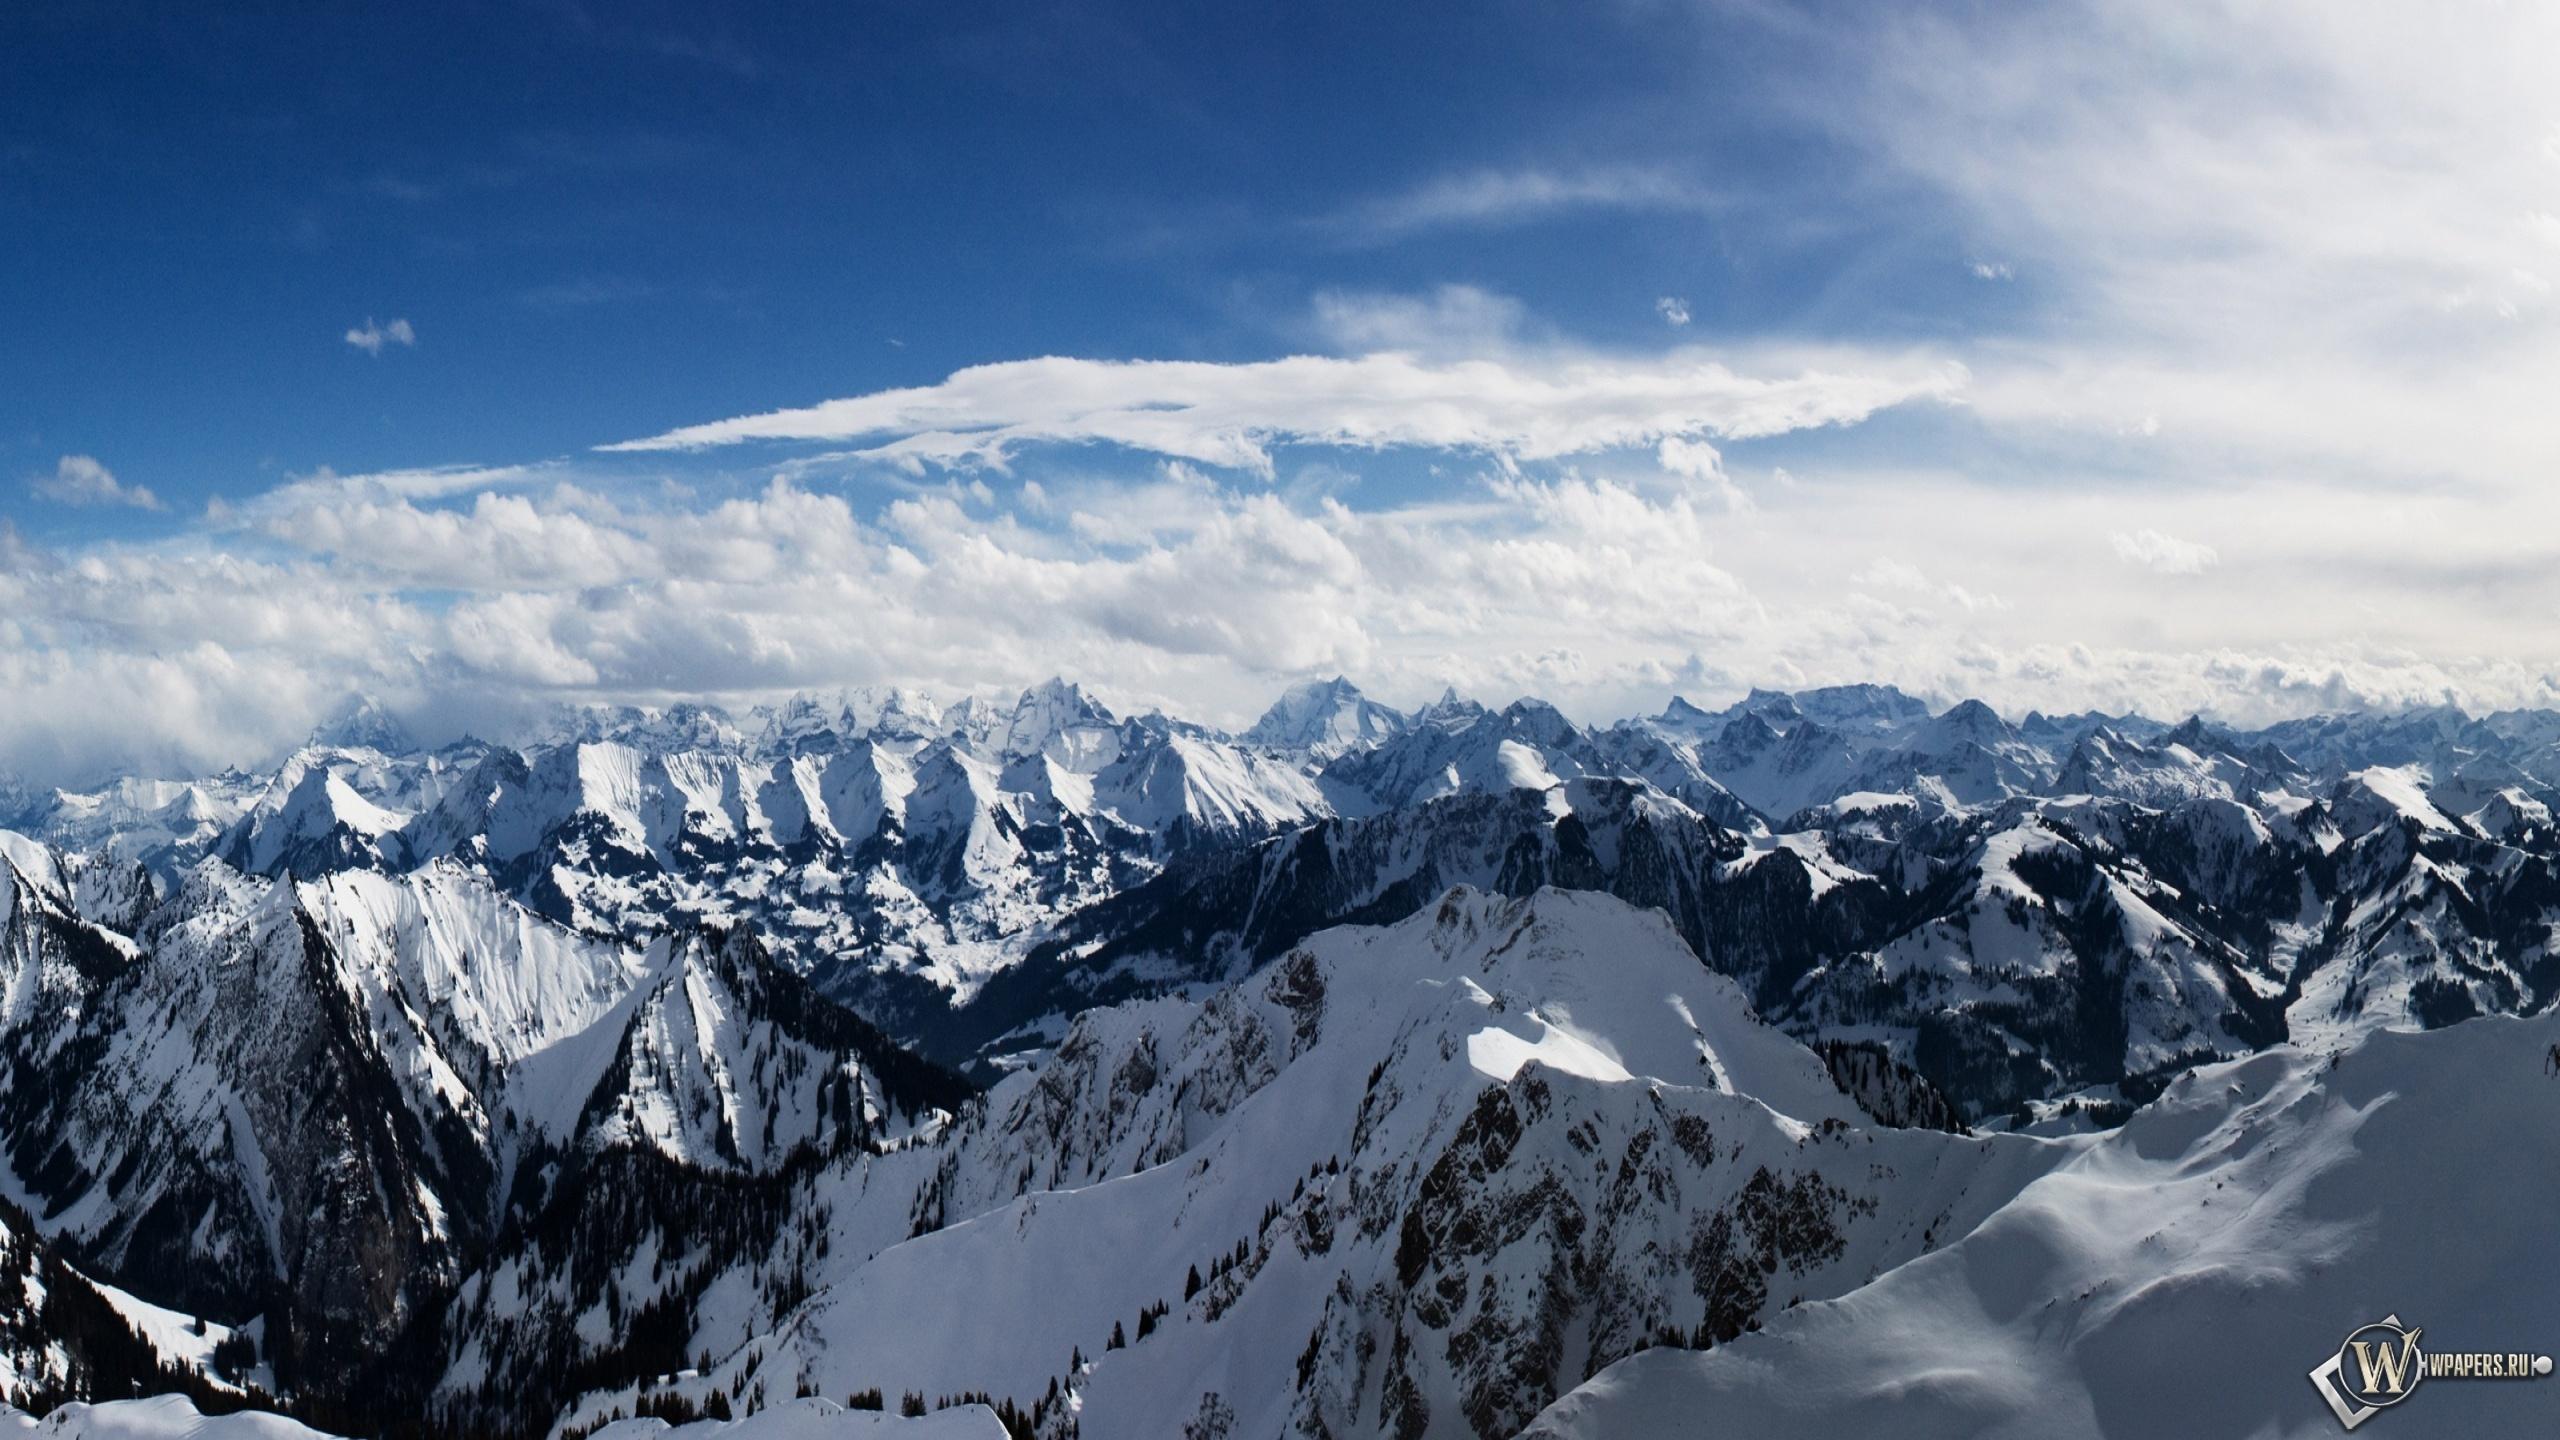 Заснеженные горы 2560x1440